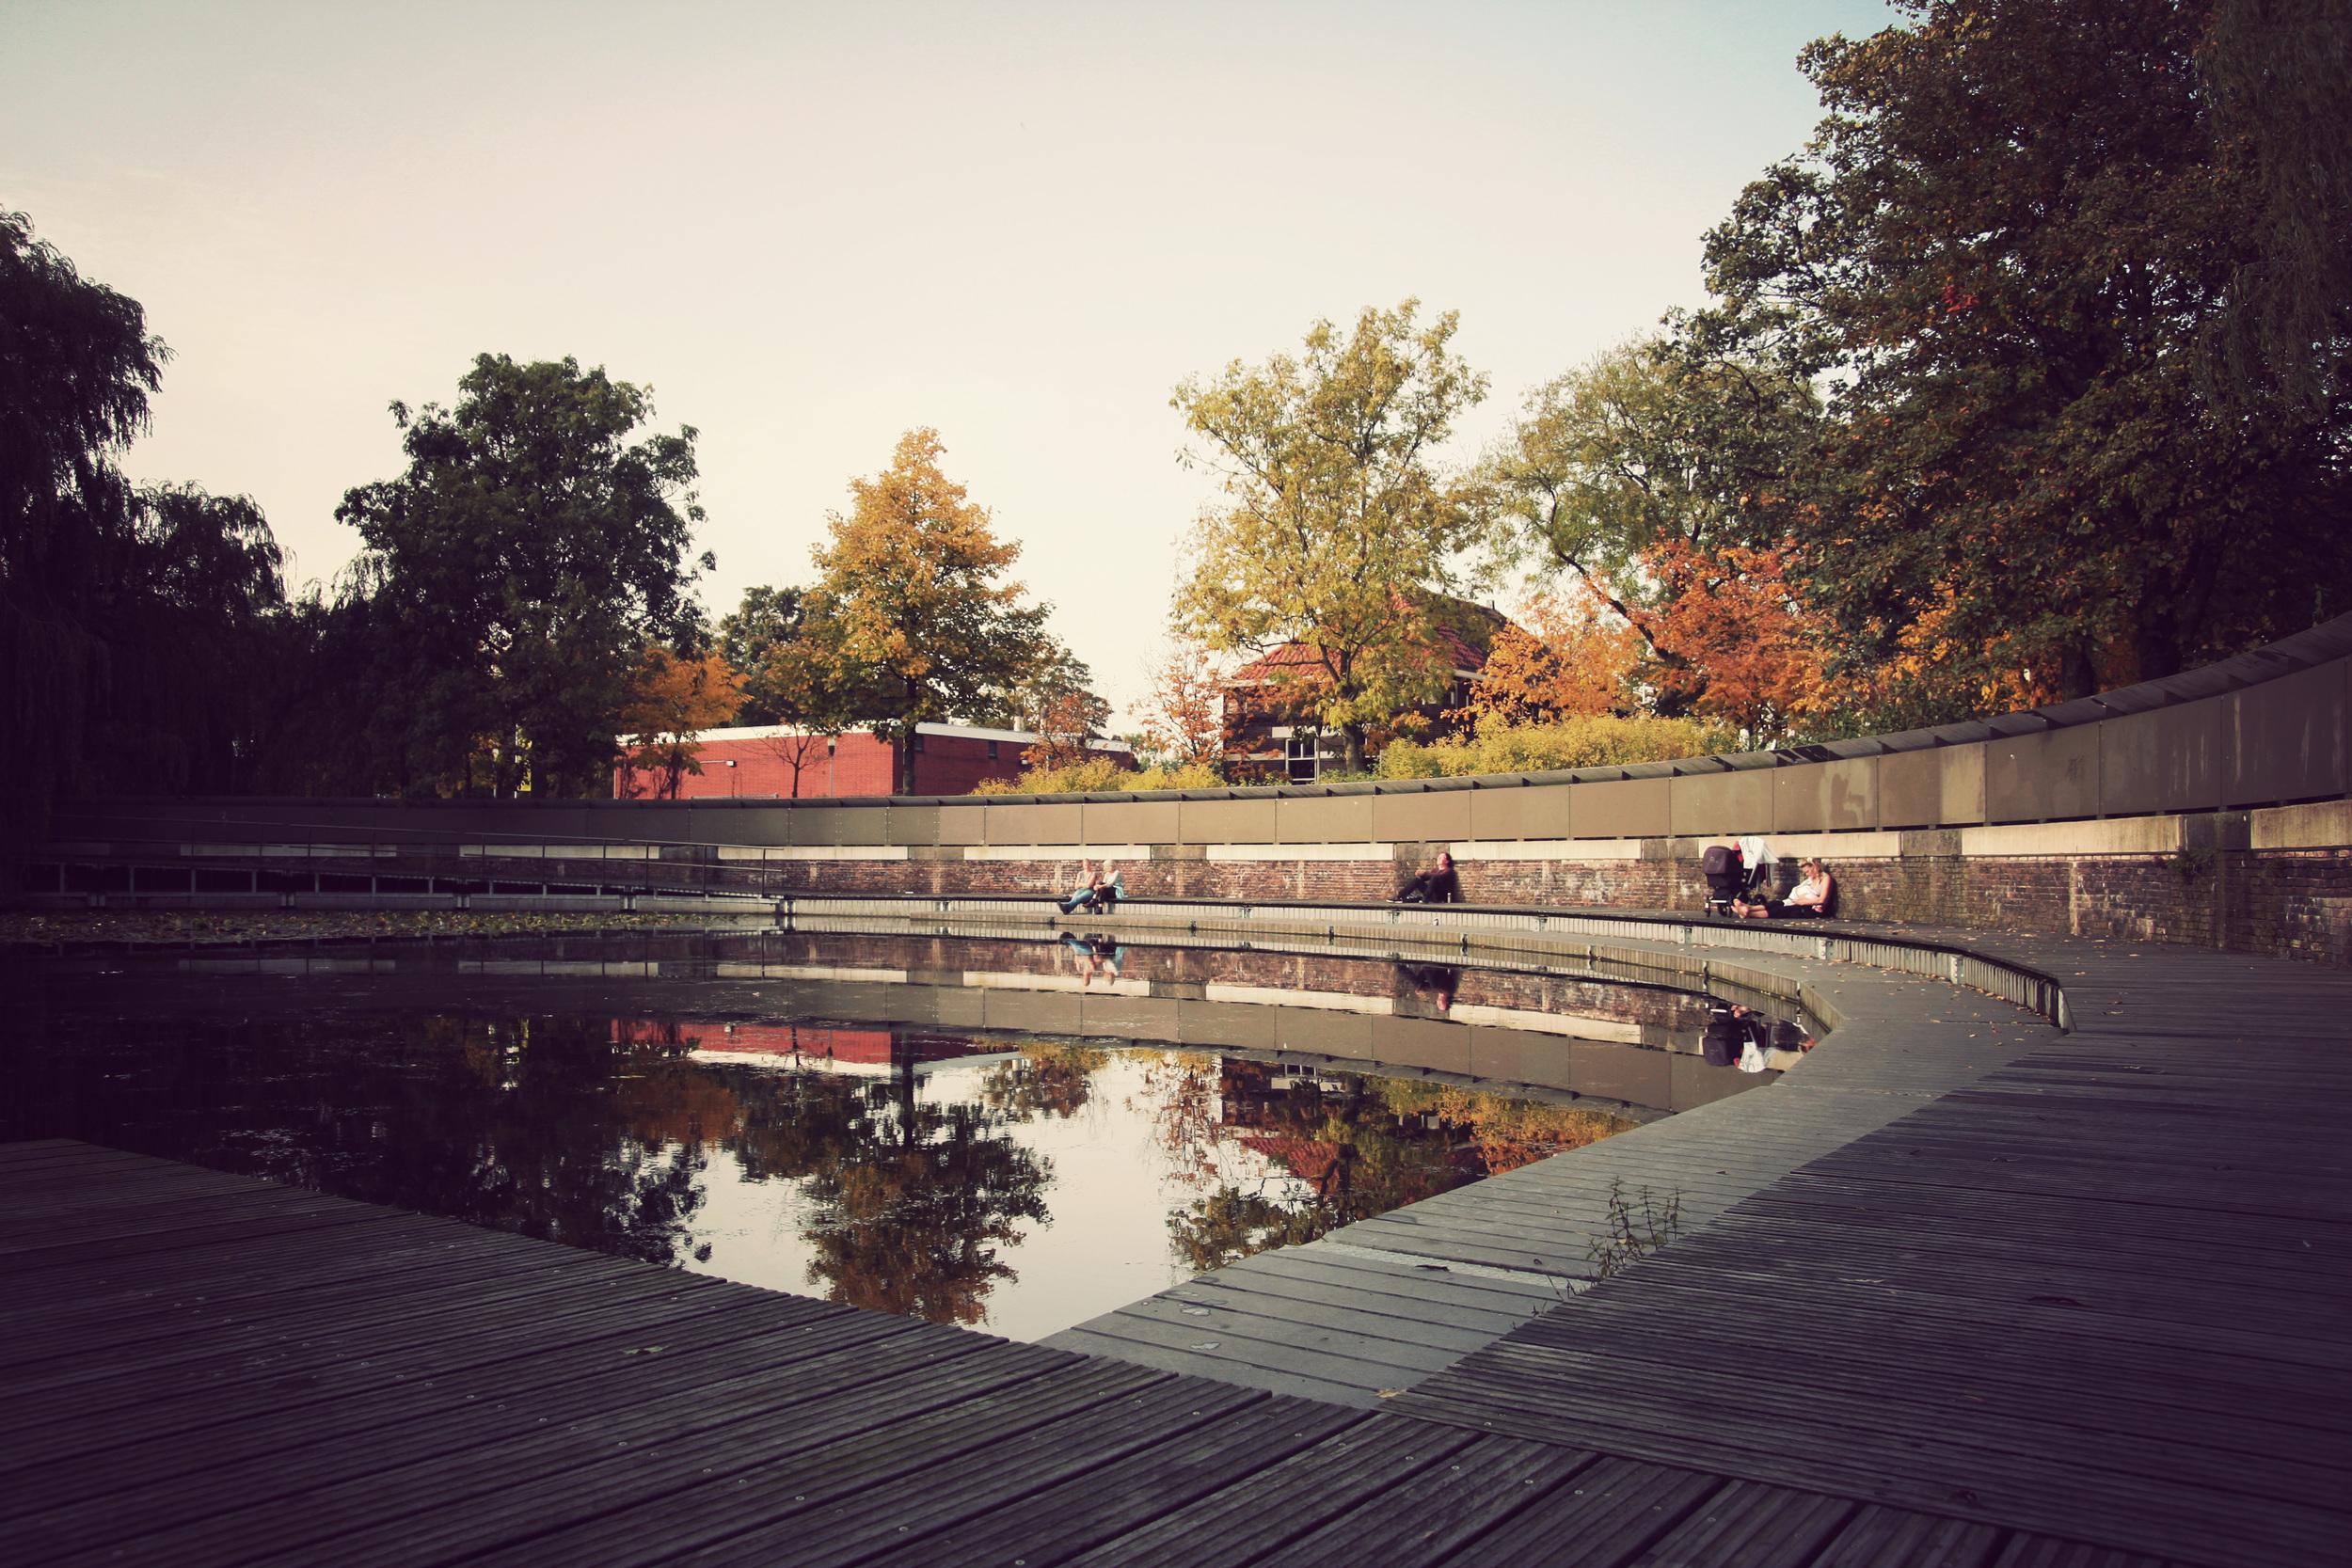 Cultuurpark-Westergasfabriek_04.jpg